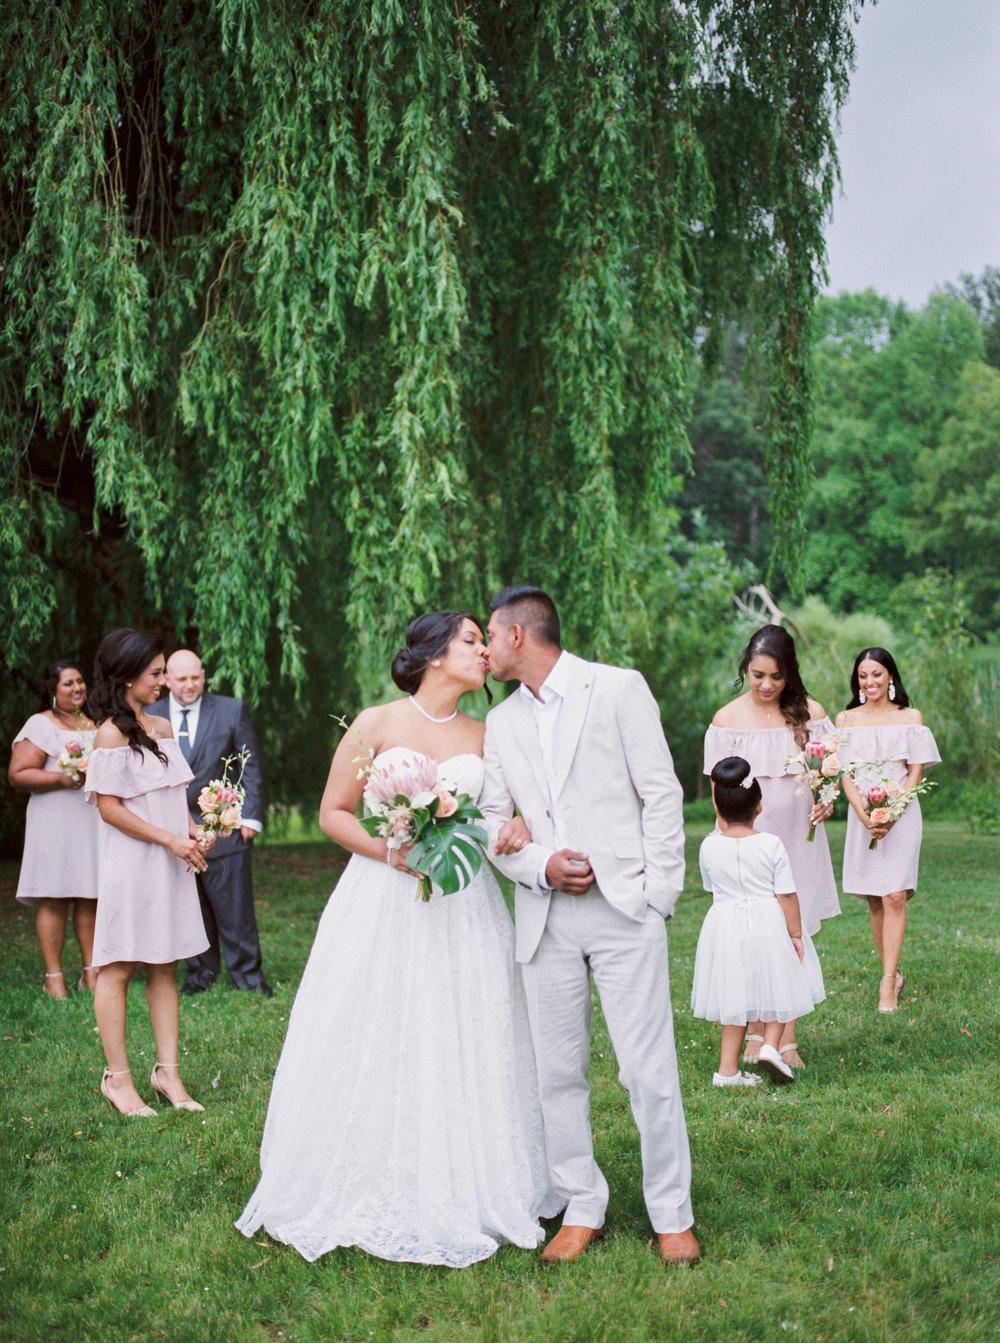 Shalene&Roneel_Wedding_JenzelVeloPhotography144.jpg